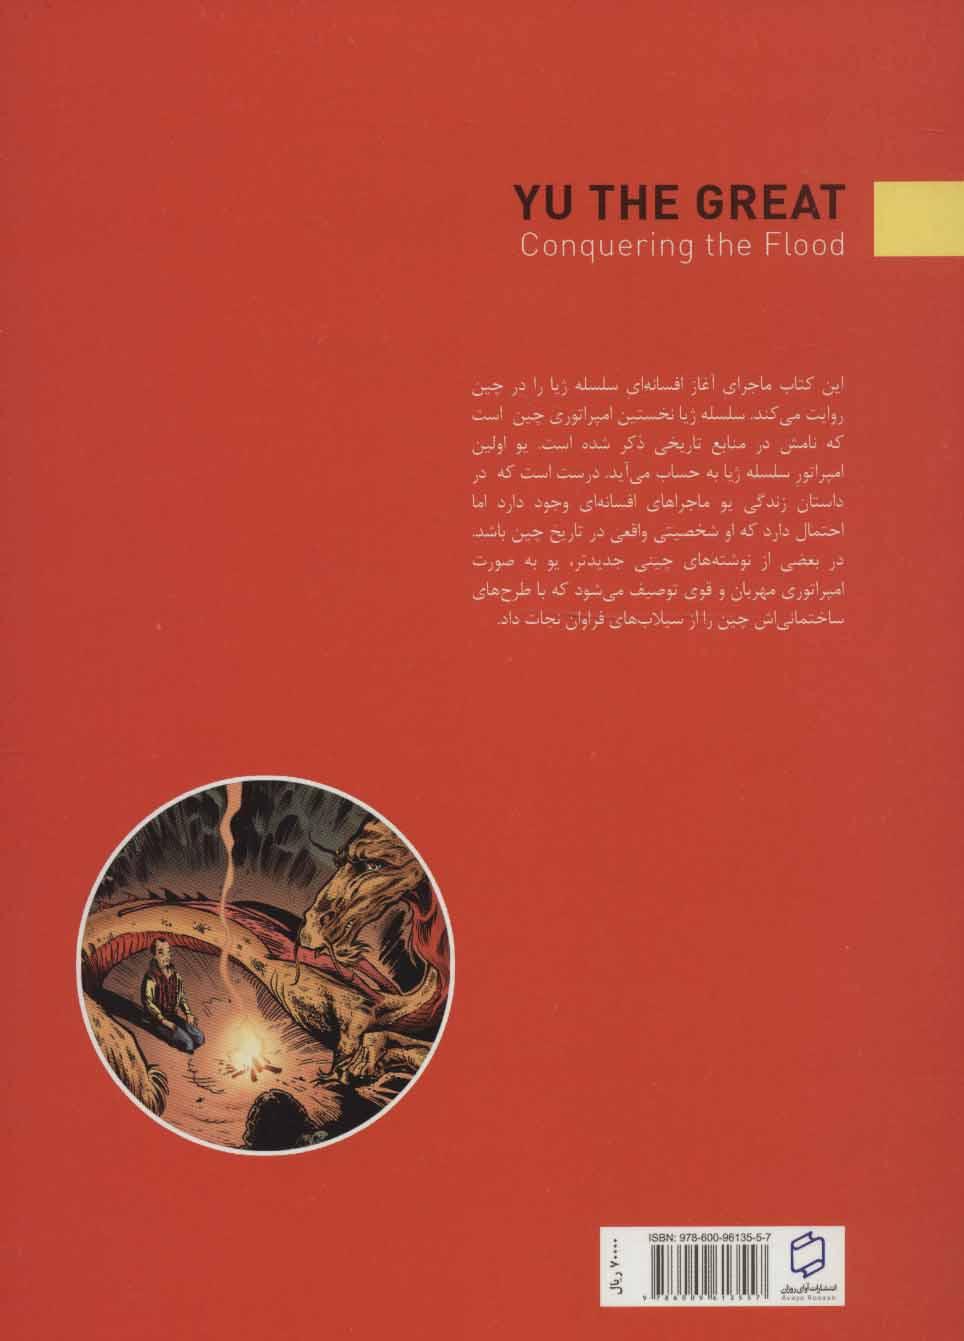 یو بزرگ؛پیروزی بر سیل (همراه با ابر دانشمند مکس آکسیوم (علوم تصویری))،(گلاسه)